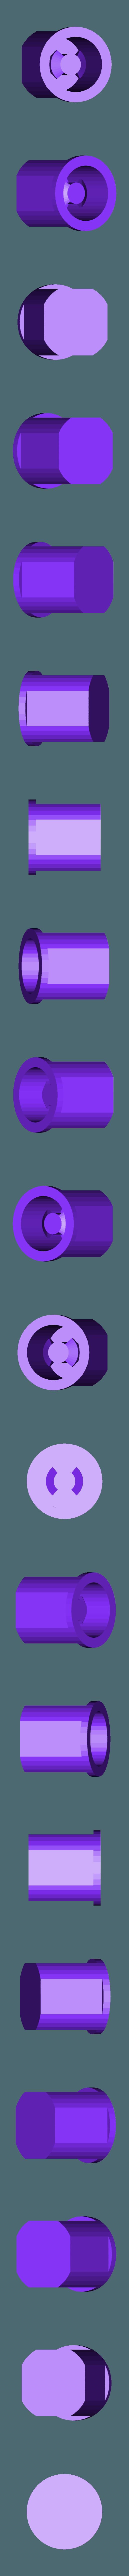 ext_knob_01.stl Télécharger fichier STL gratuit Bouton de remplacement pour la rallonge (Masterplug 20m) • Plan pour impression 3D, peaberry